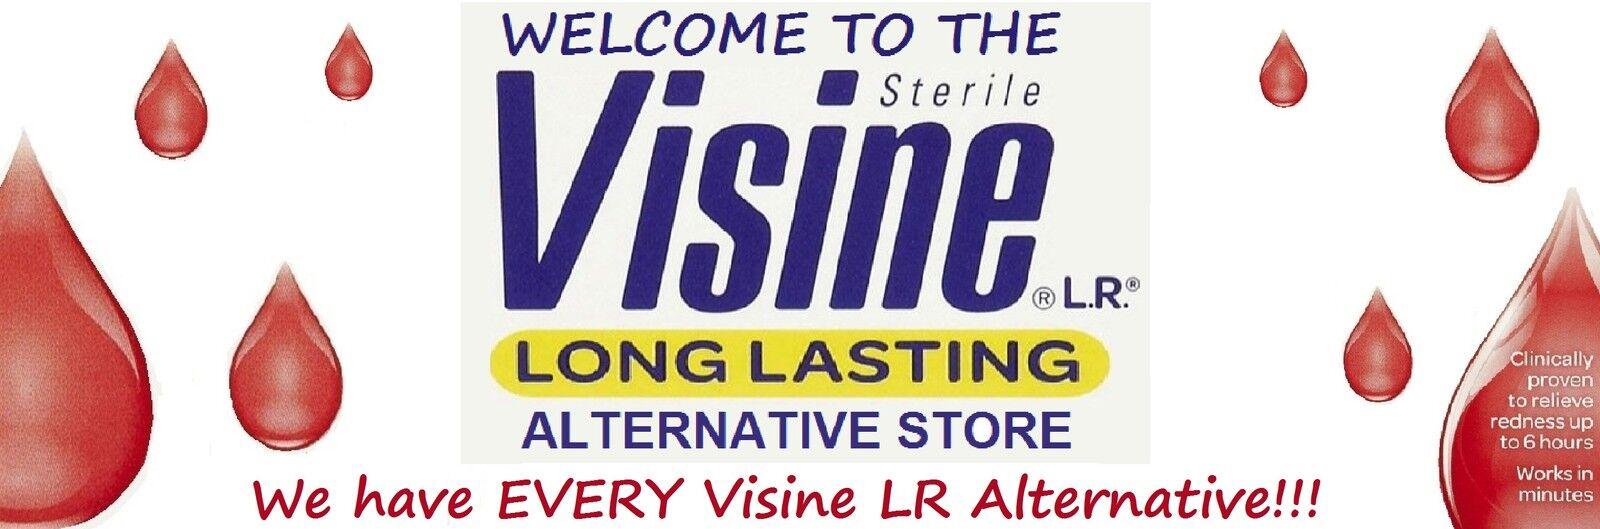 Visine LR Long Lasting Alternatives